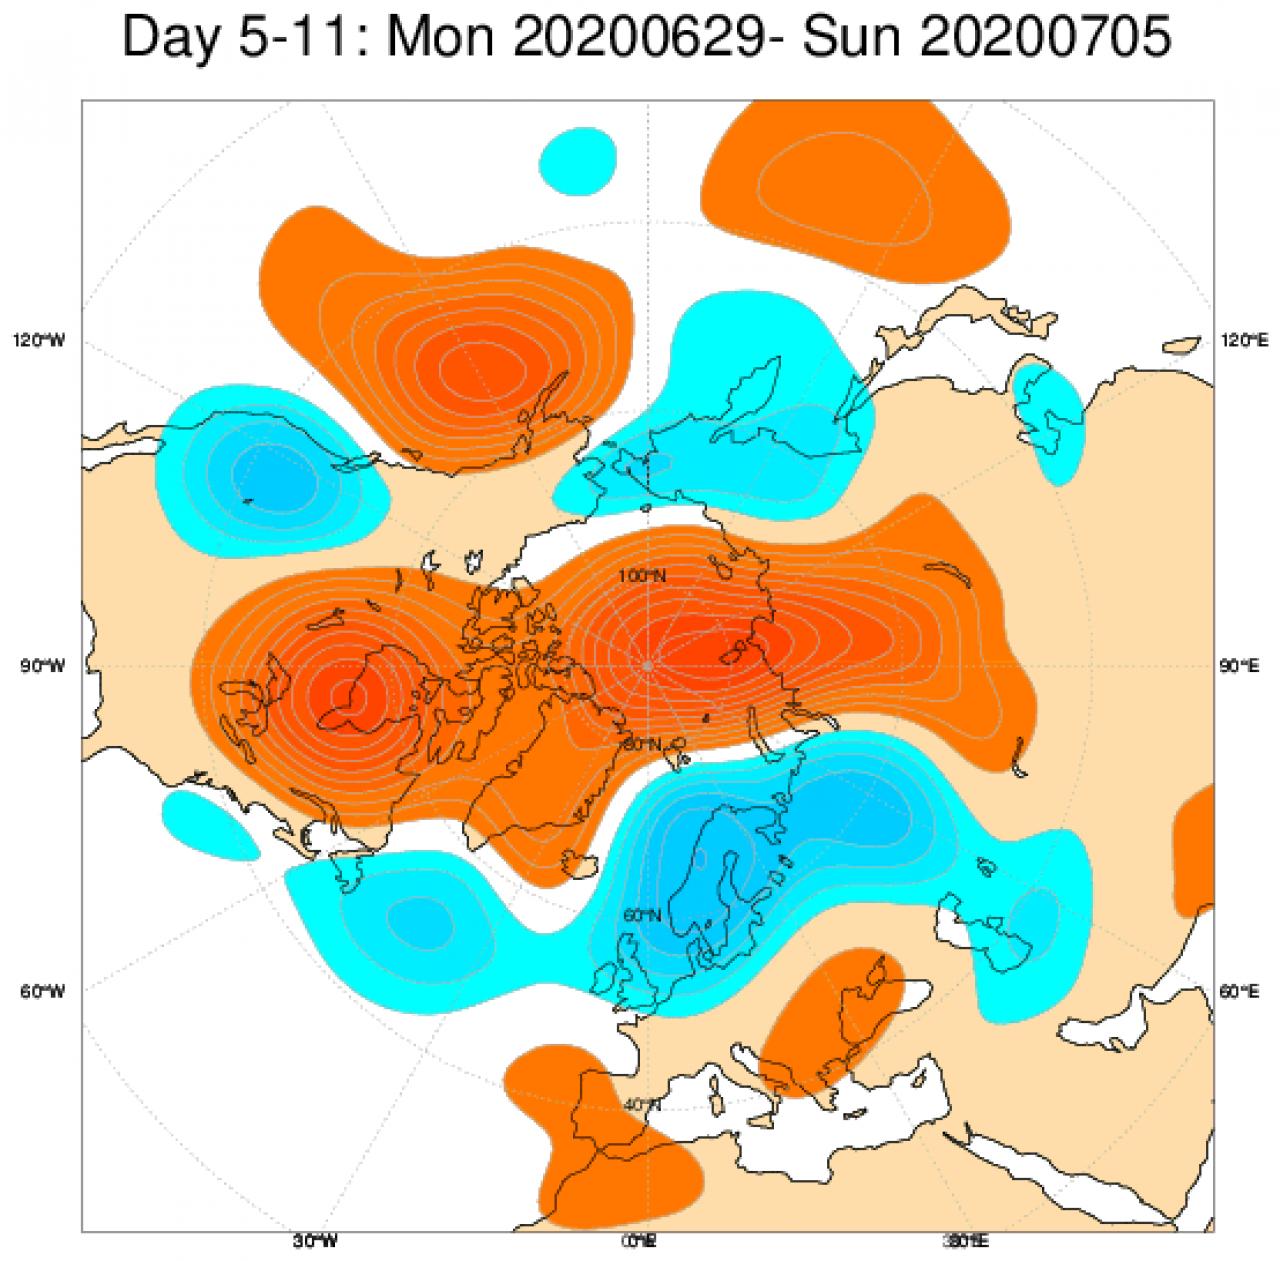 Media di ensemble del modello inglese ECMWF relativa all'anomalia di Altezza di Geopotenziale a 500 hPa (circa 5.500 metri) per il periodo 29 giugno - 5 luglio 2020